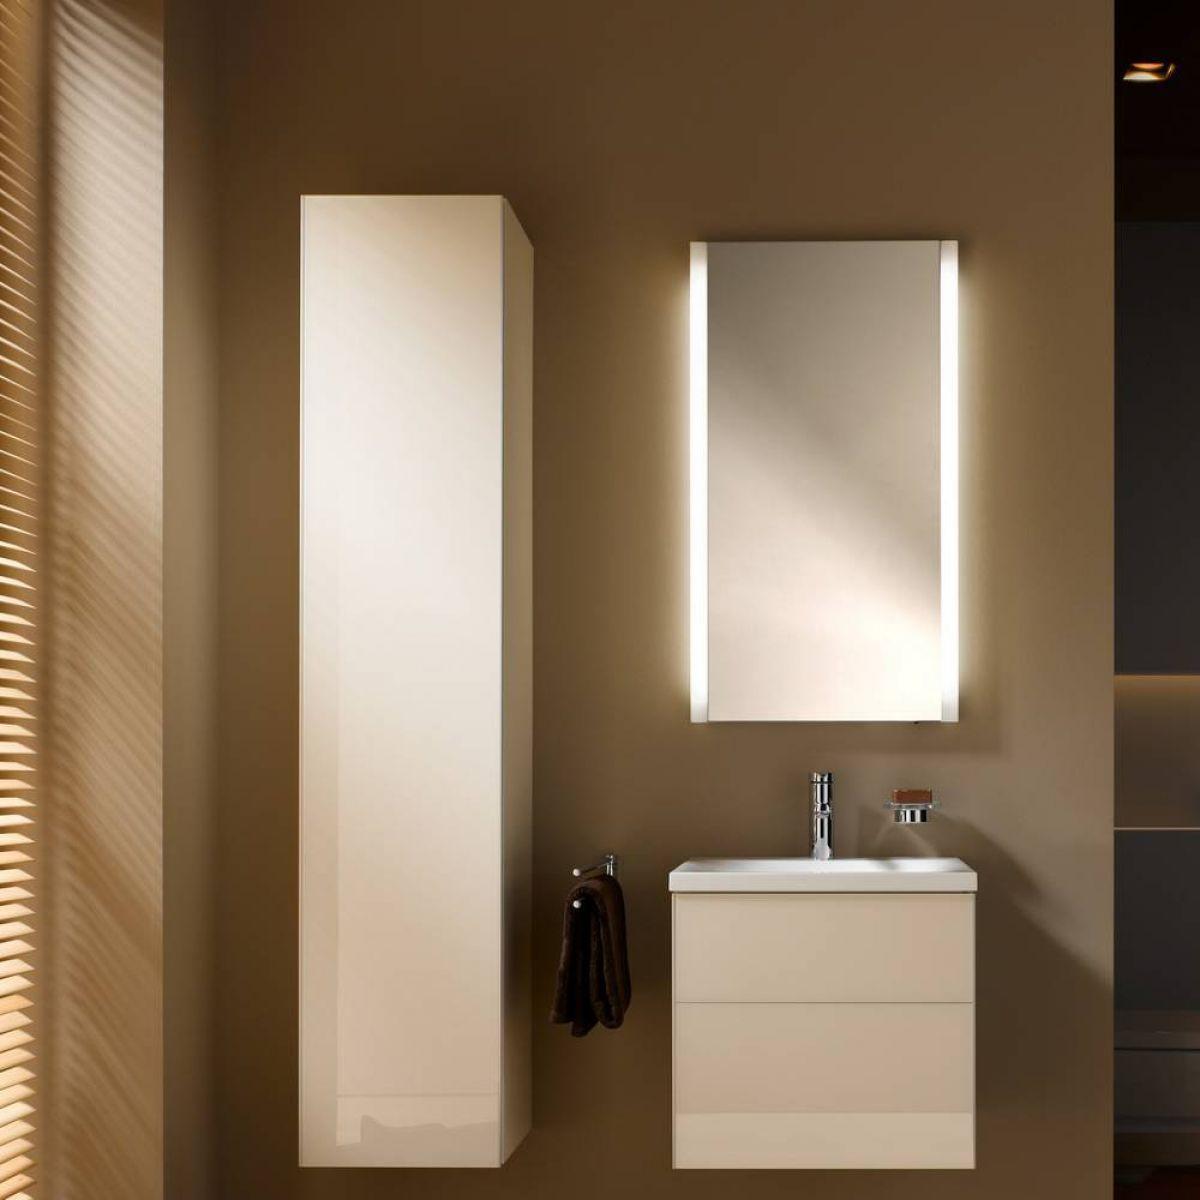 Keuco Royal Reflex.2 spiegelverlichting